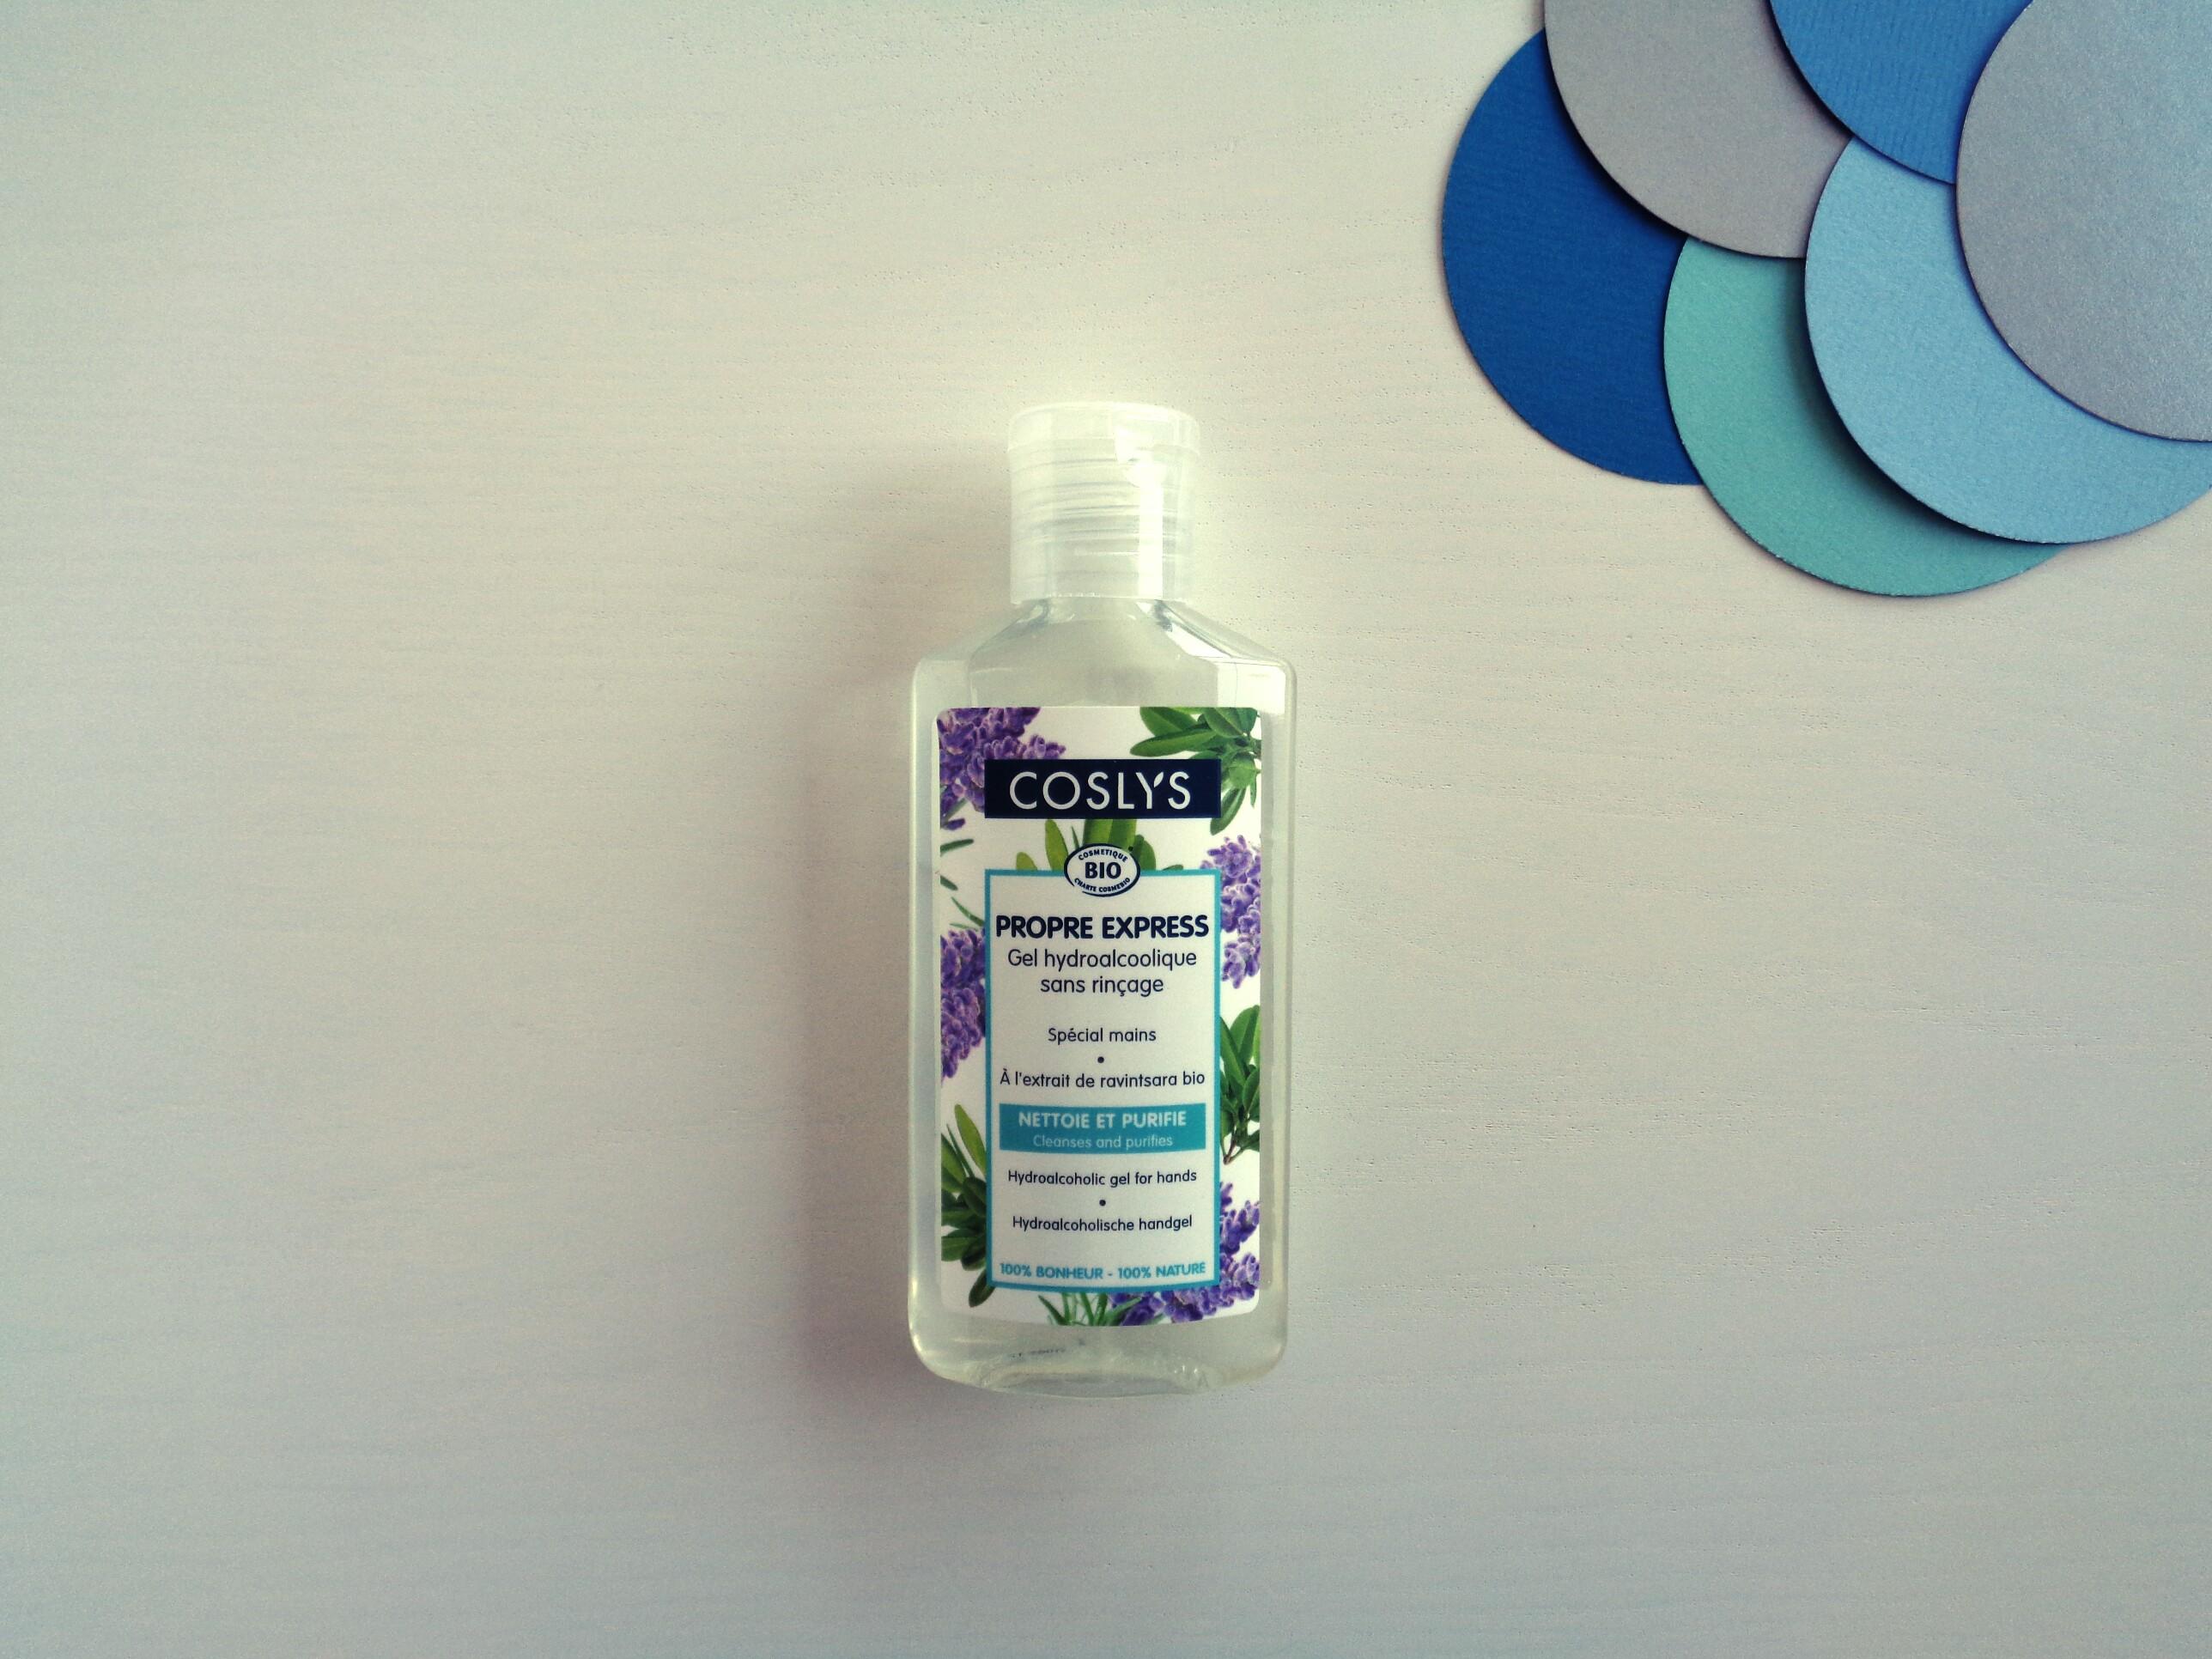 Coslys – Gel hydroalcoolique mains (100ml)